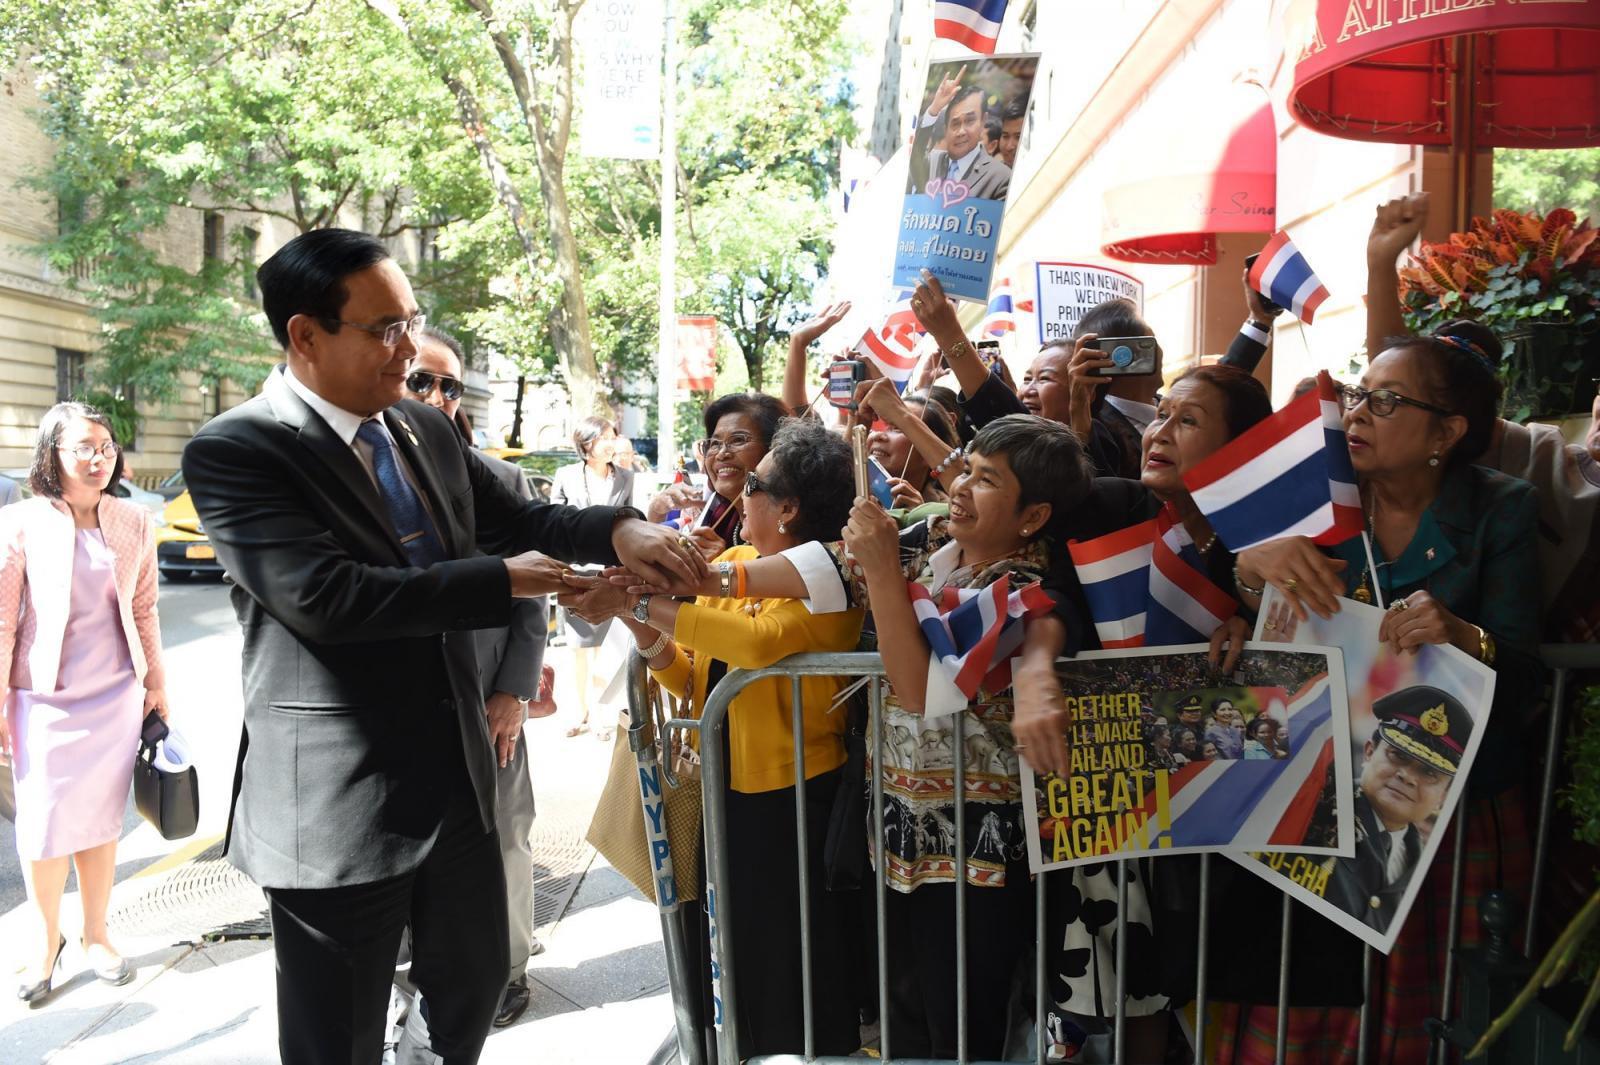 นายกฯ  ถึงนิวยอร์ค คนไทยดีใจแห่ต้อนรับ